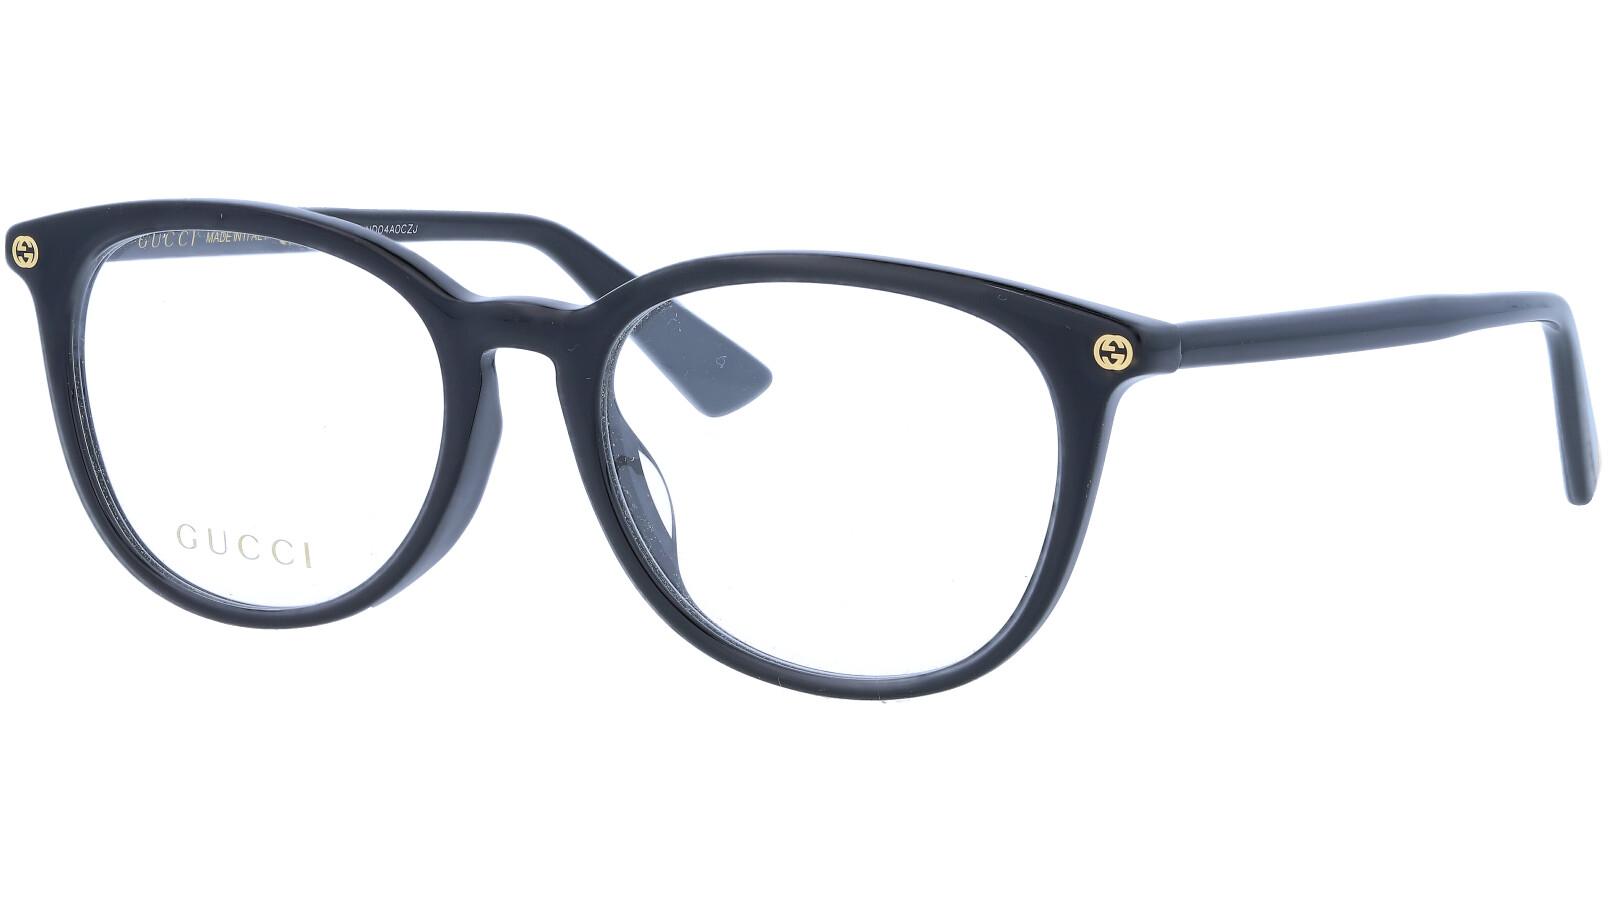 GUCCI GG0155OA 001 52 BLACK Glasses